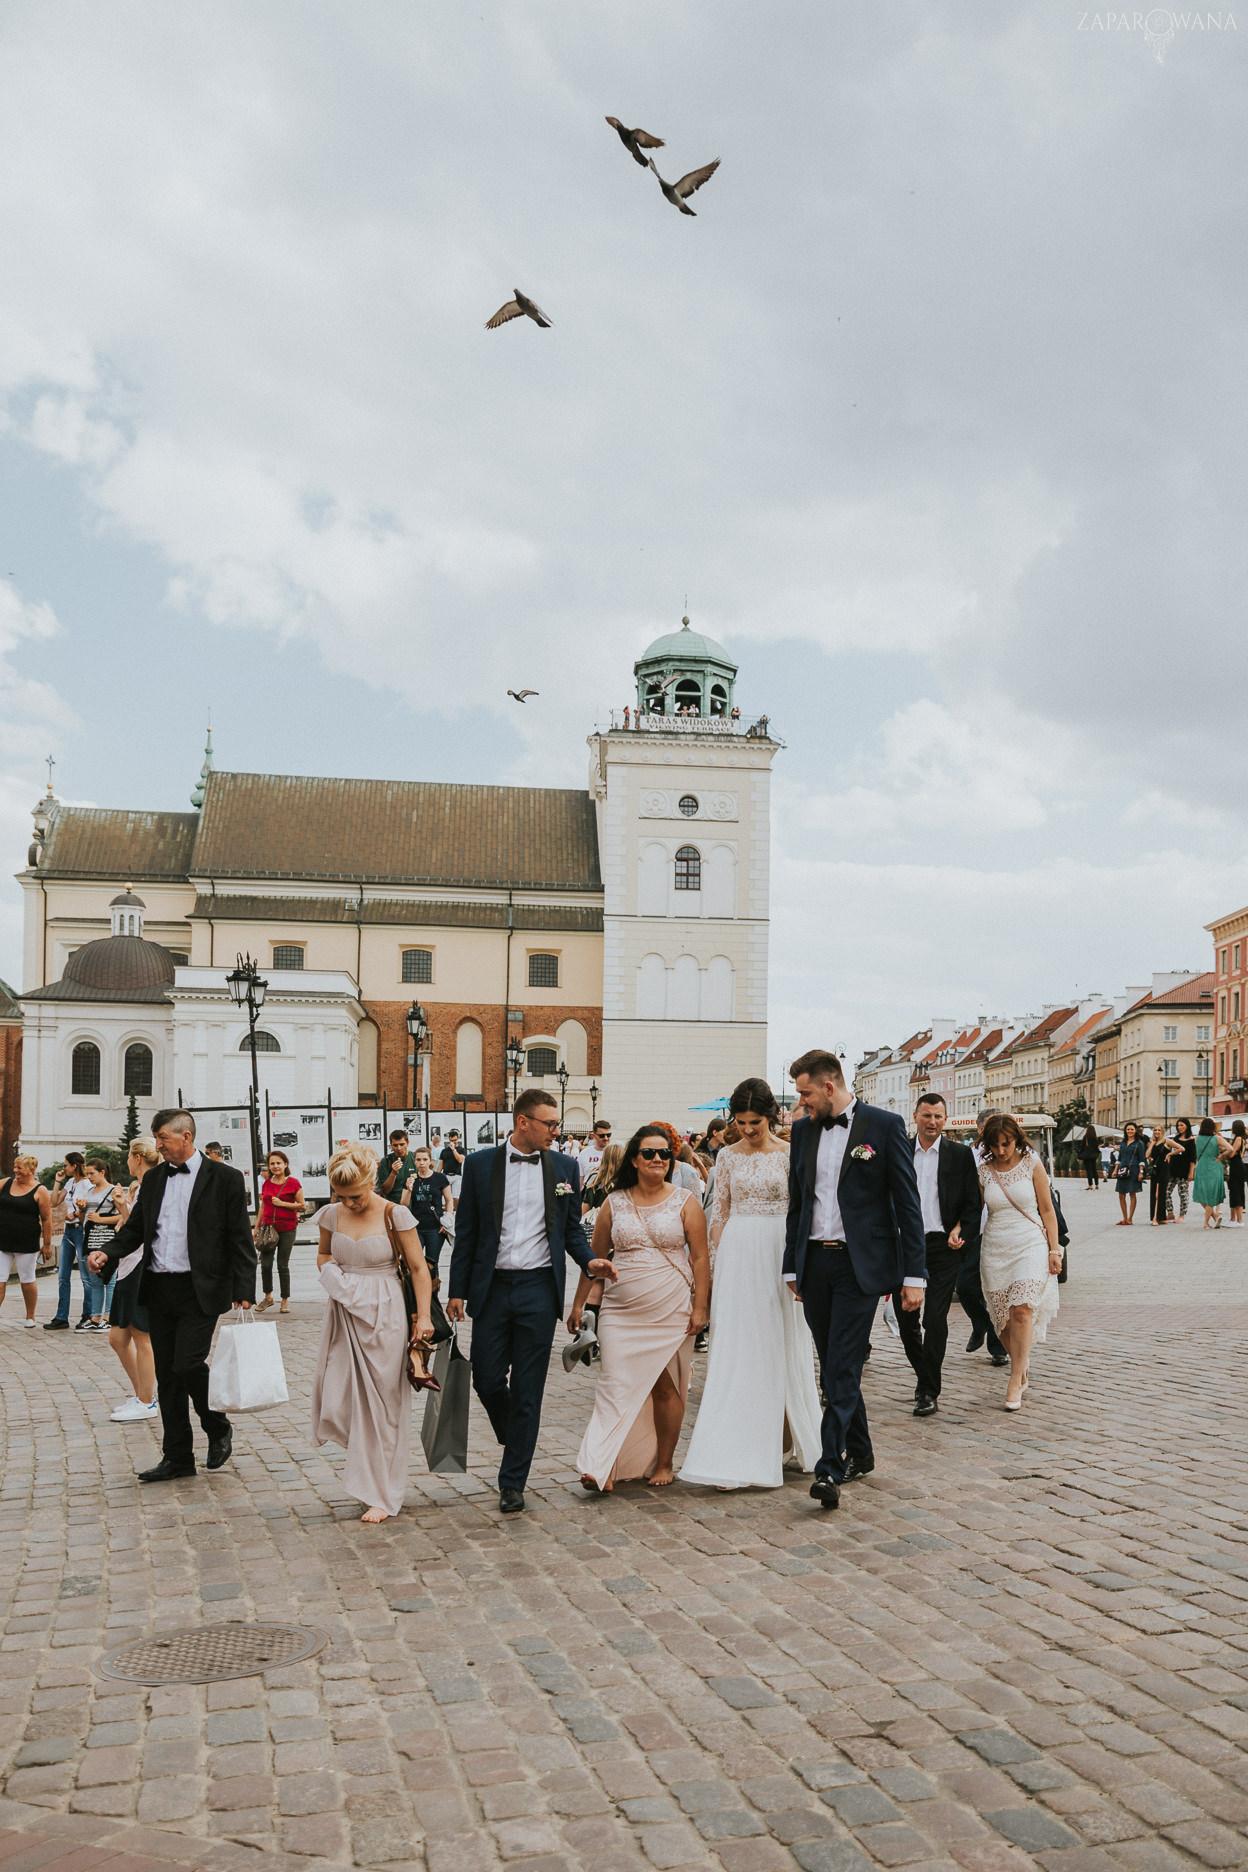 299 - ZAPAROWANA - Kameralny ślub z weselem w Bistro Warszawa